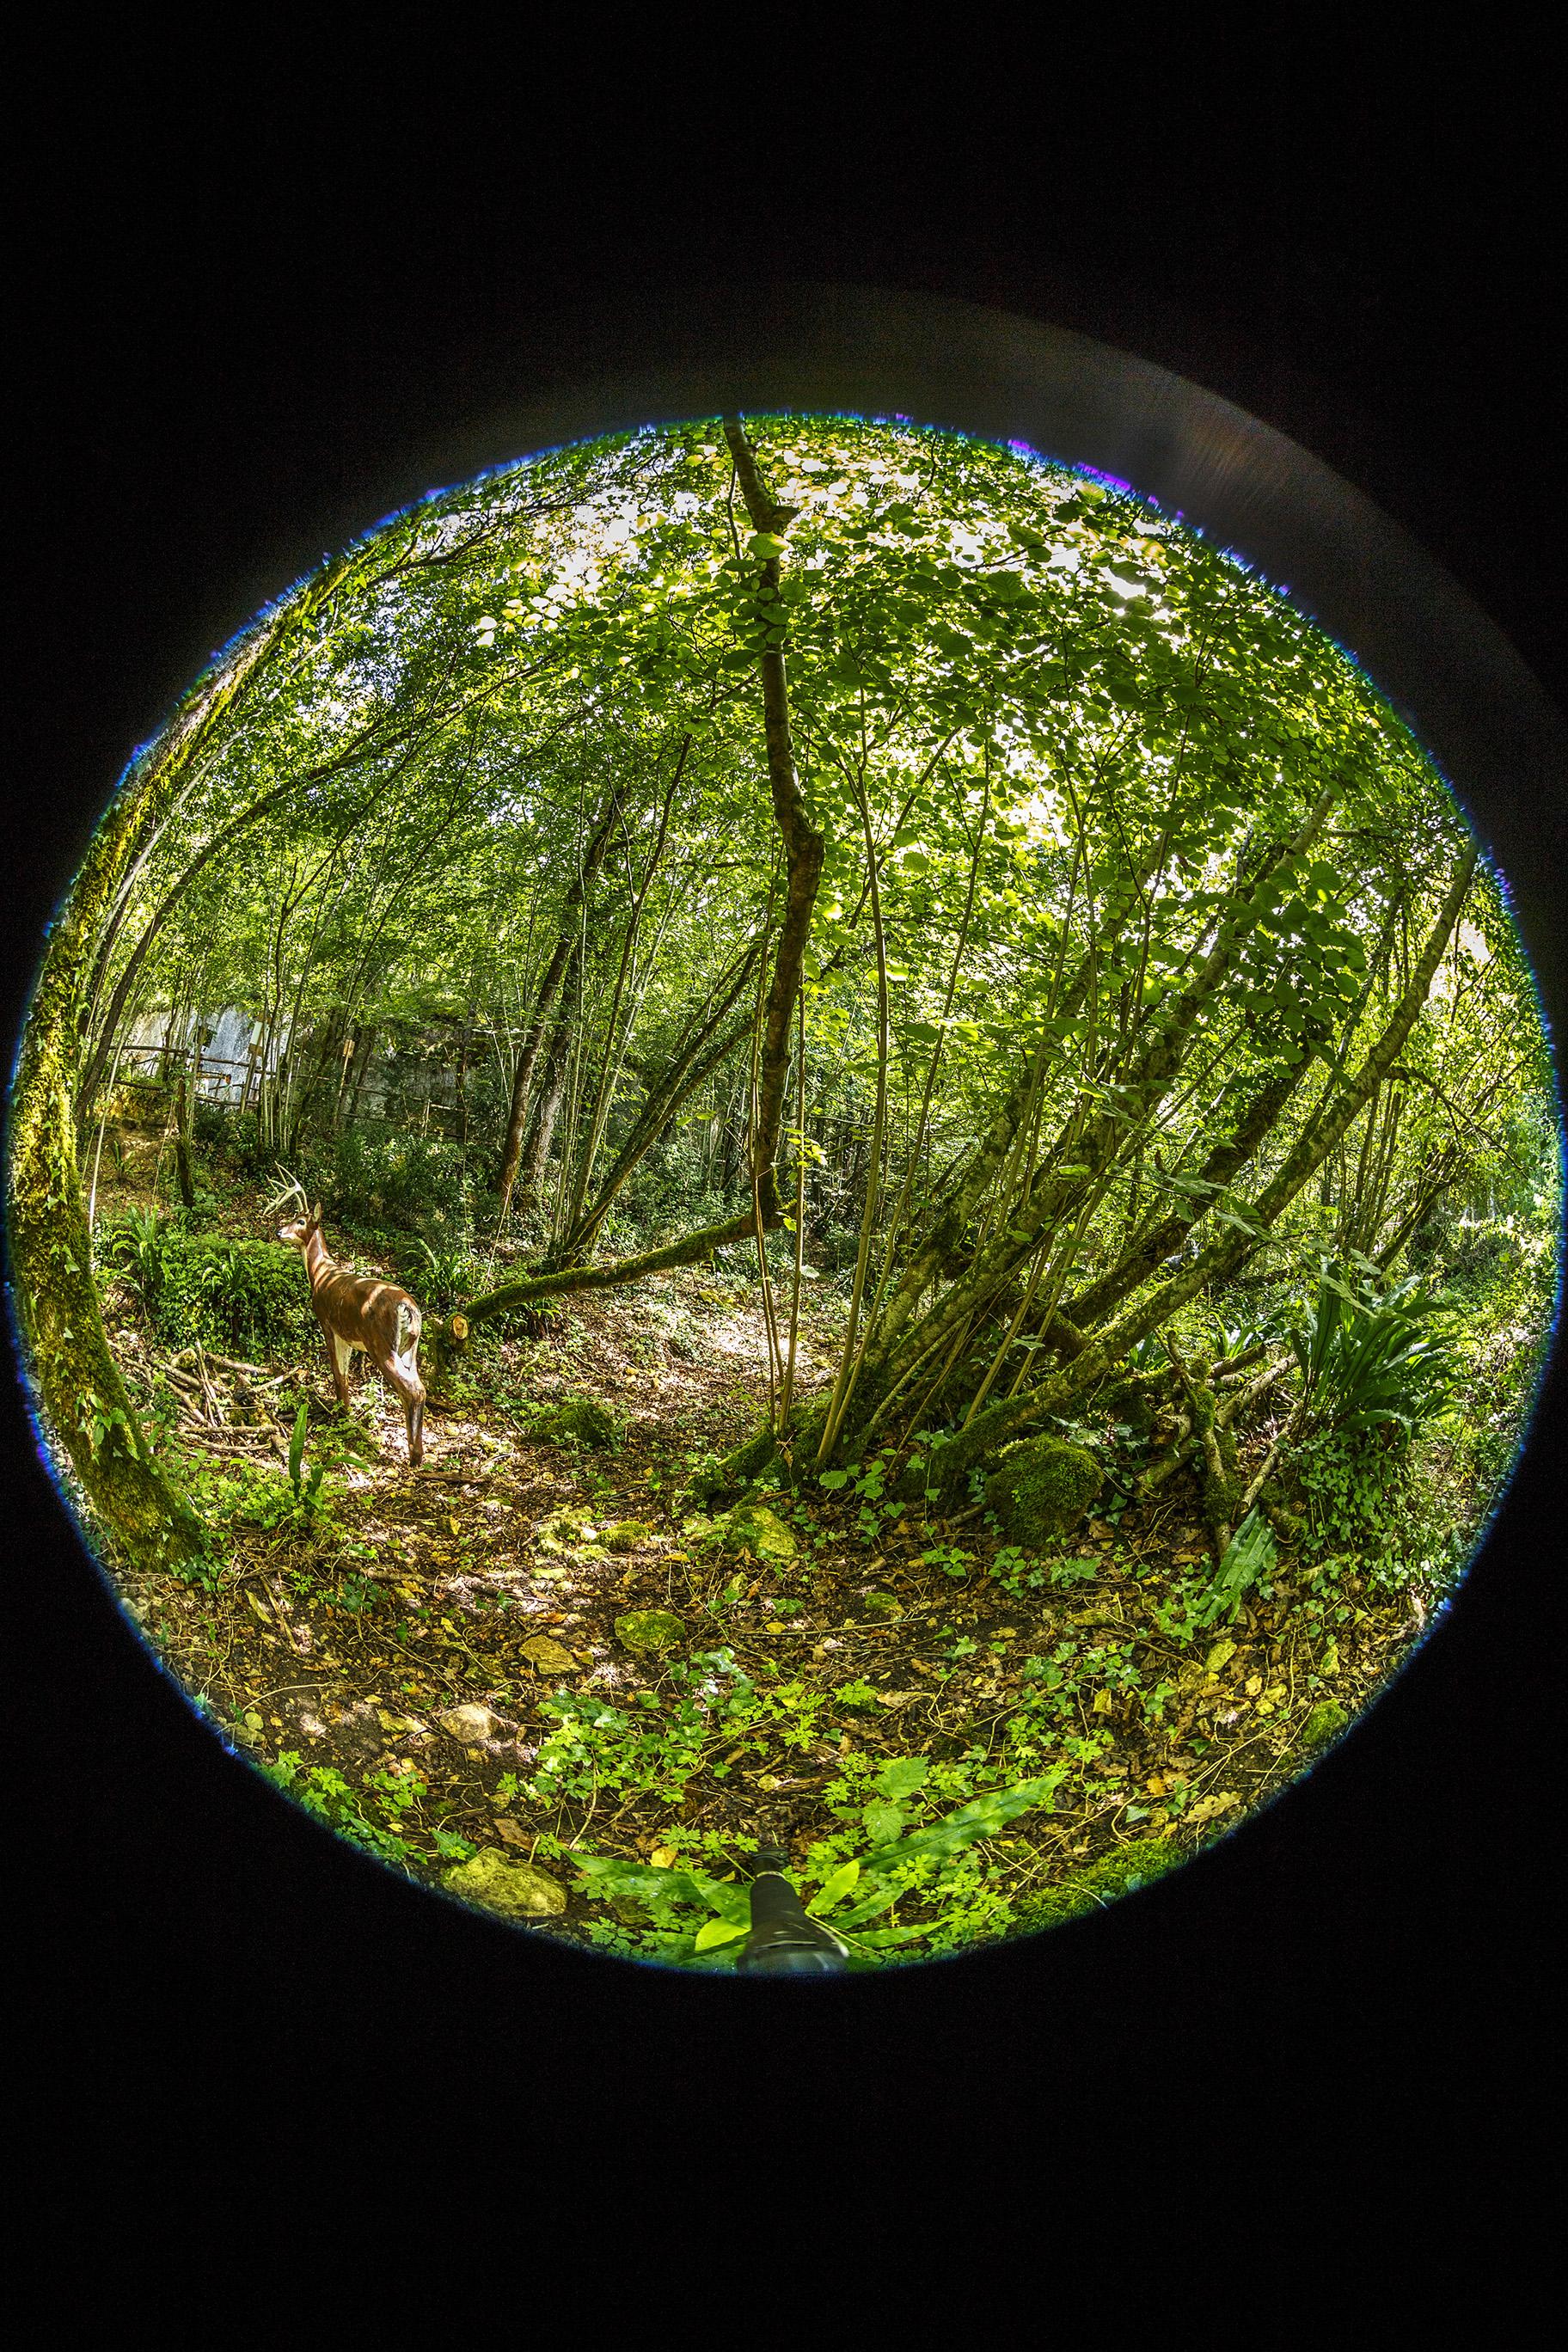 creer-une-visite-virtuelle.com_HDR_Roc_de_cazelle-8.jpg